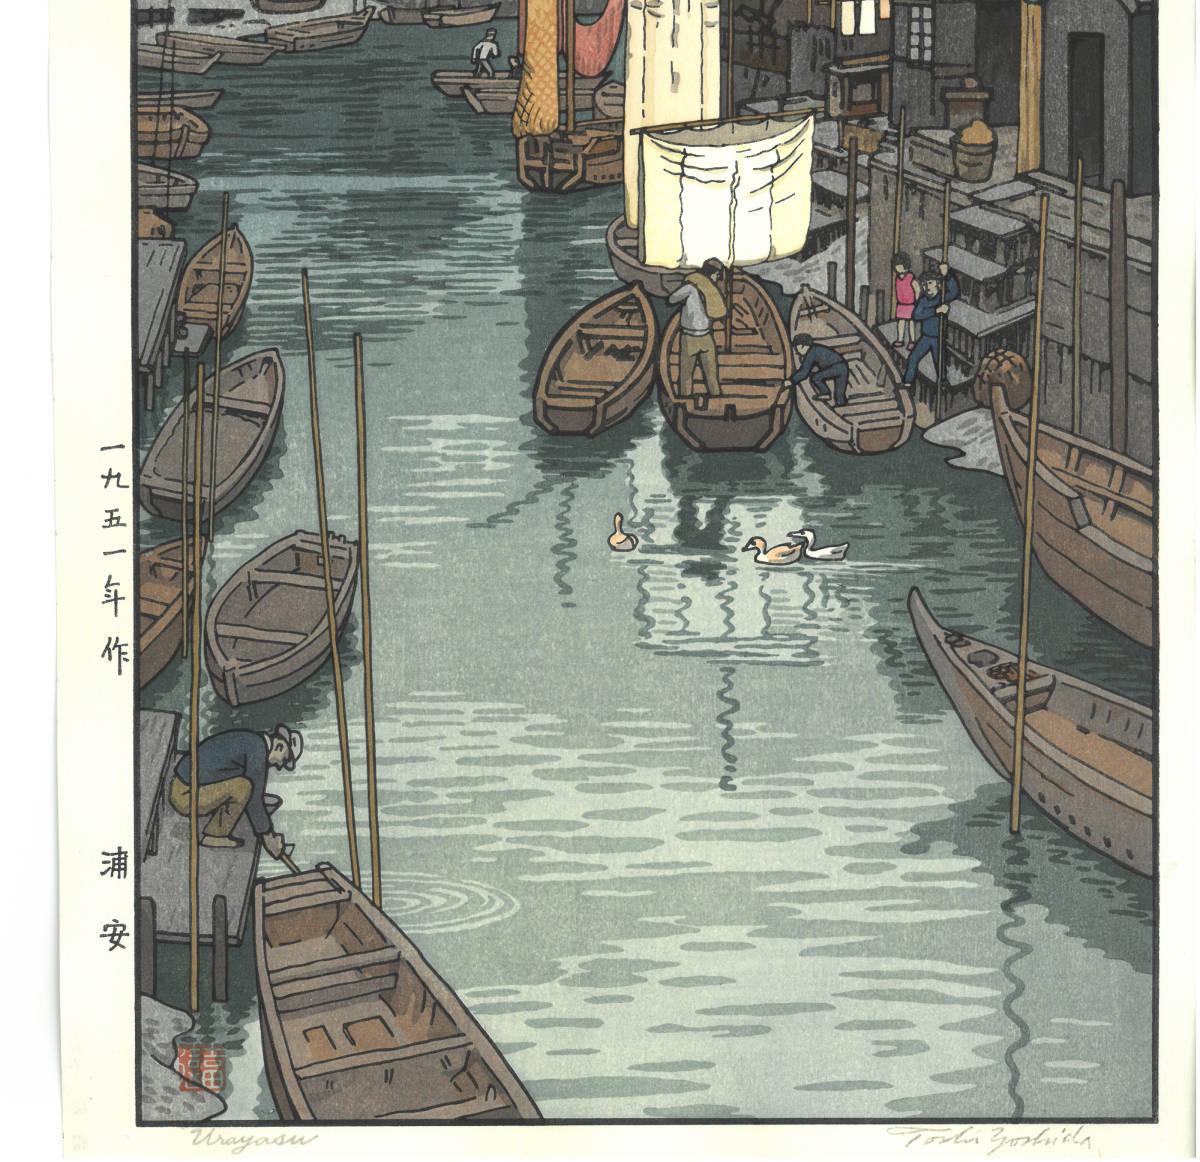 吉田遠志 木版画  015101 浦安 (Urayasu)  初摺1951年    最高峰の摺師の技をご堪能下さい!!_画像5